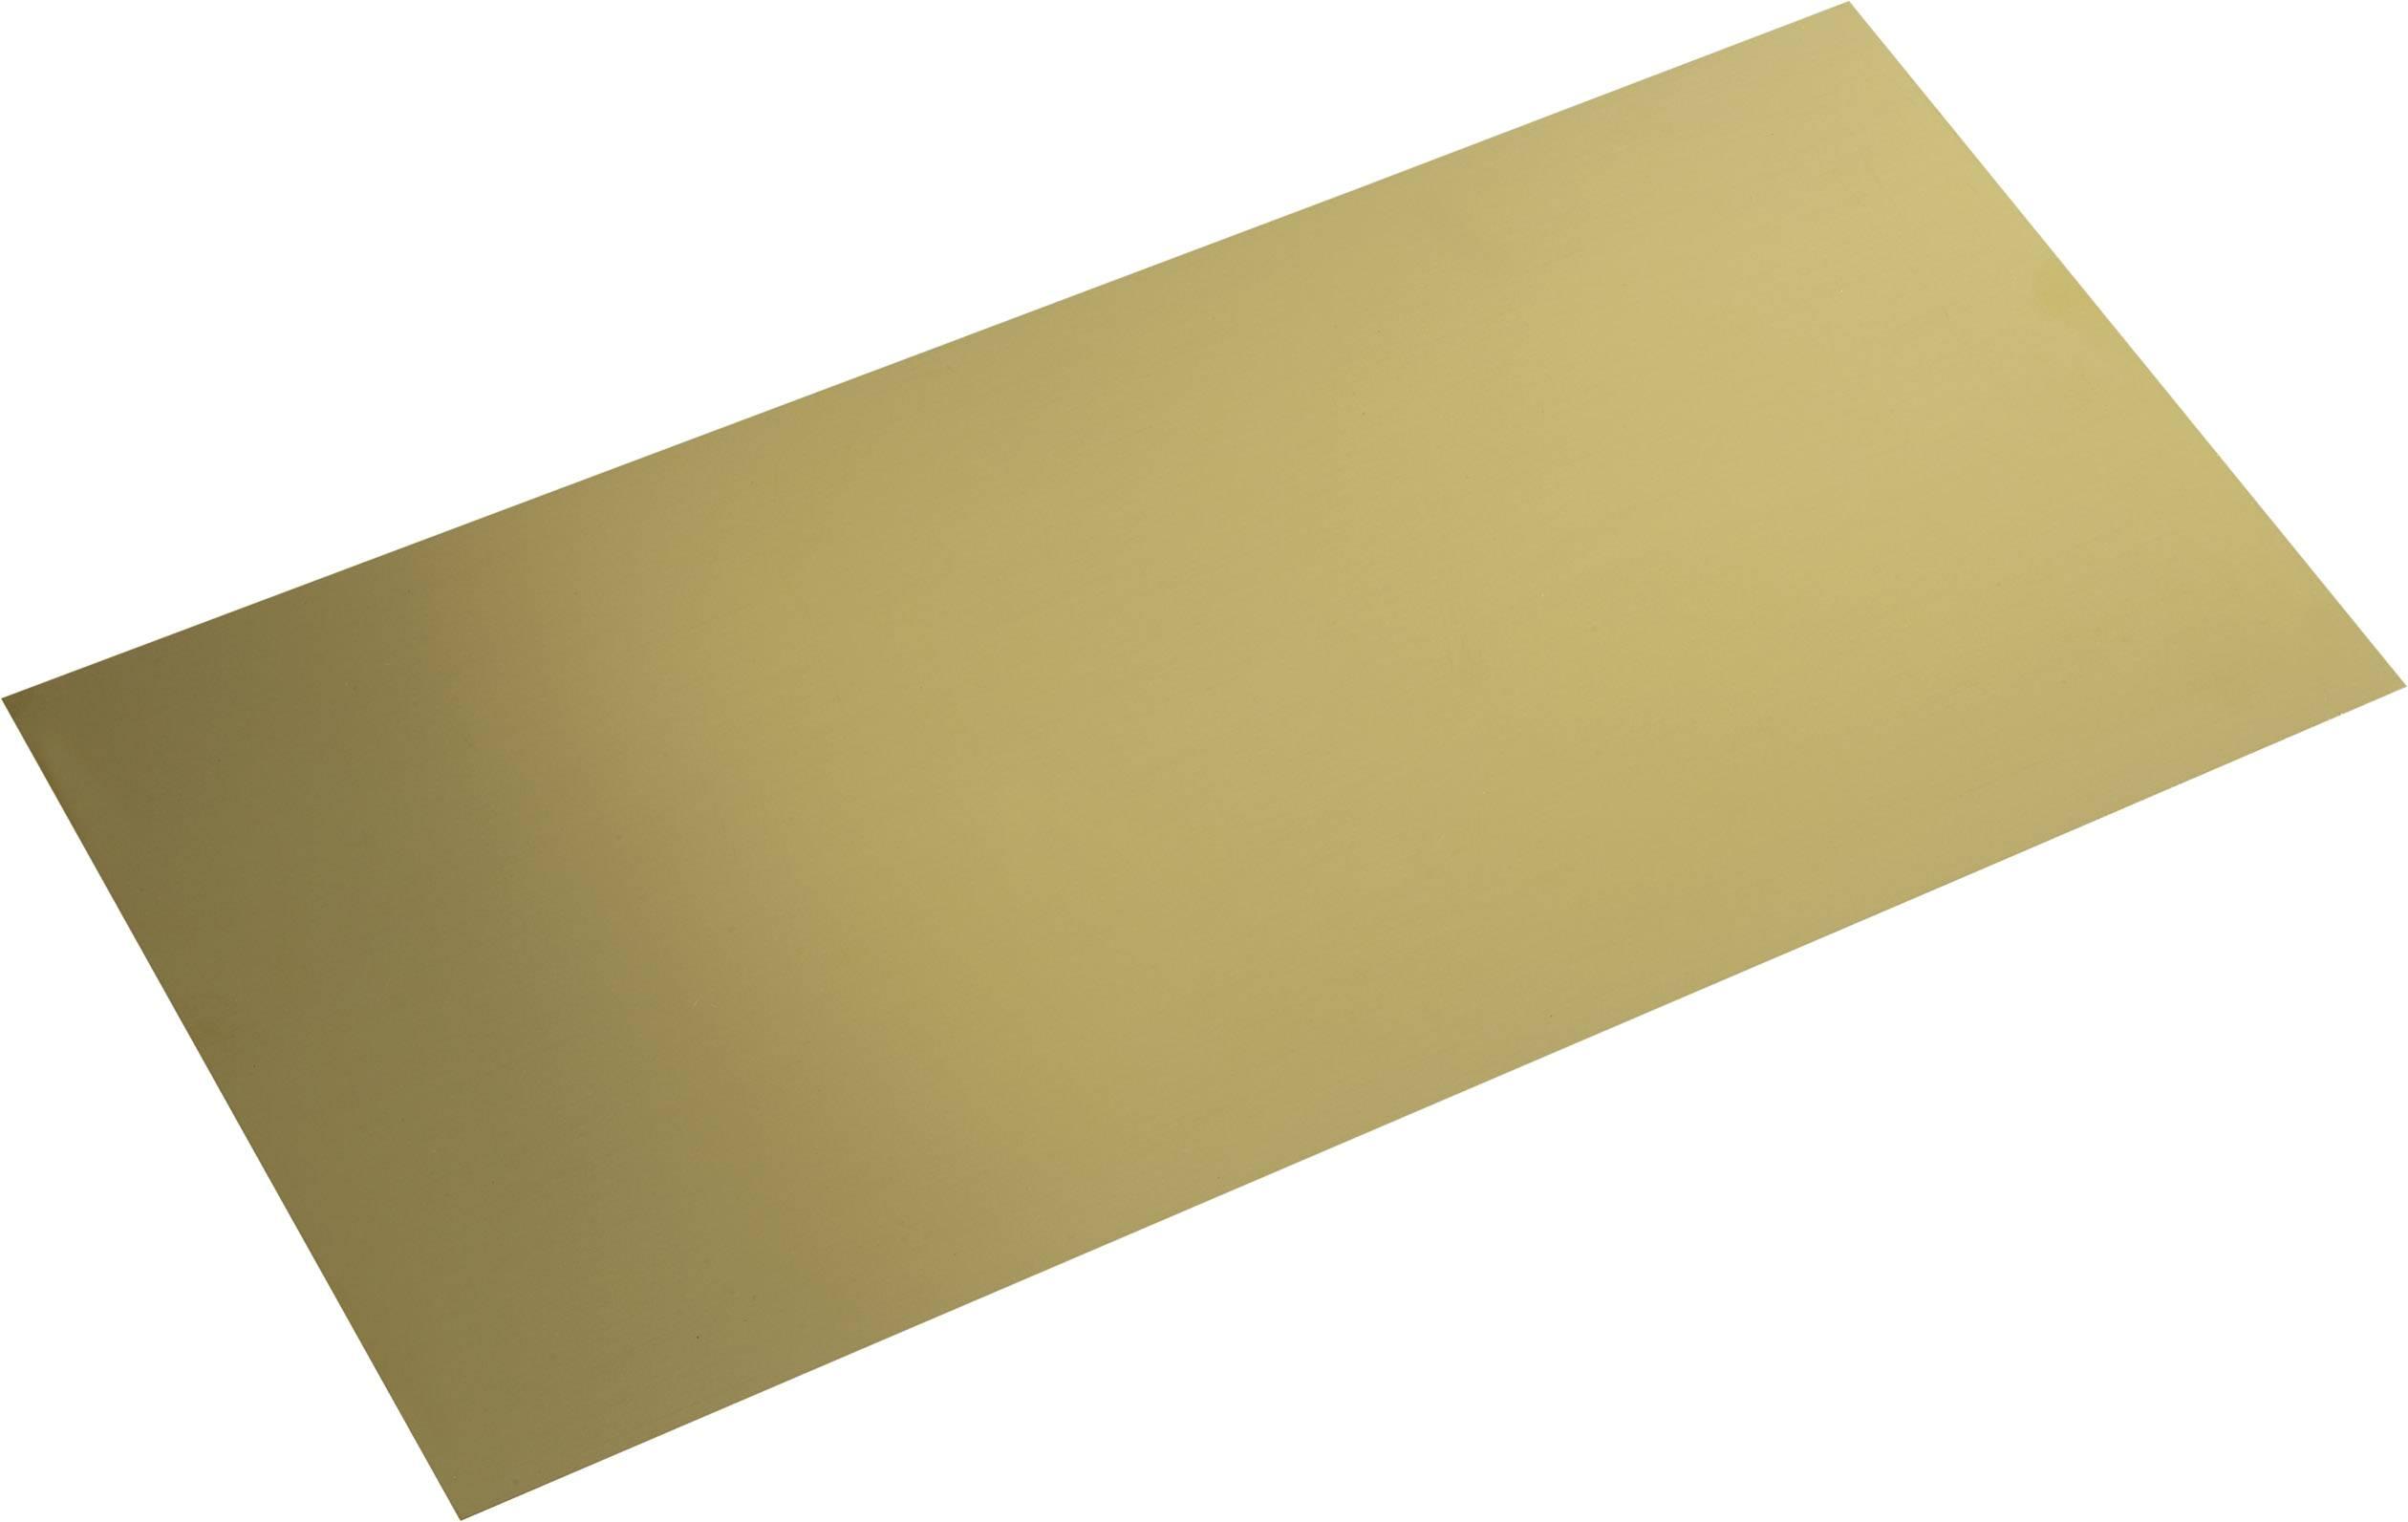 Mosazná deska Modelcraft, 400 x 200 x 0,4 mm